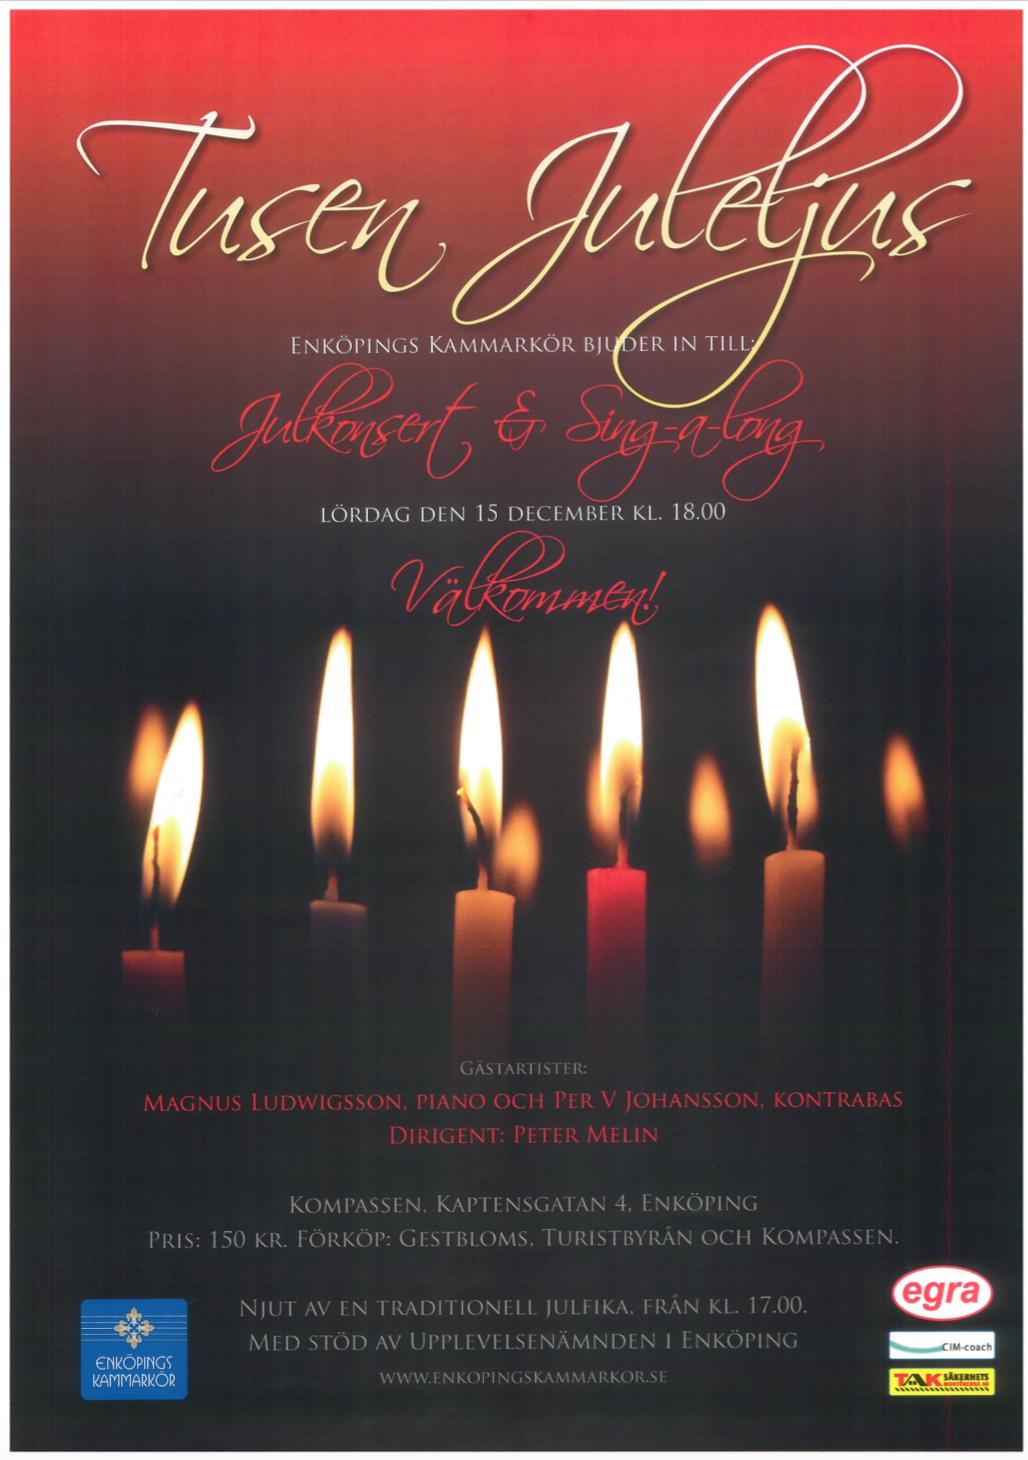 2012-affisch-tusen-juleljus-med-enkopings-kammarkor